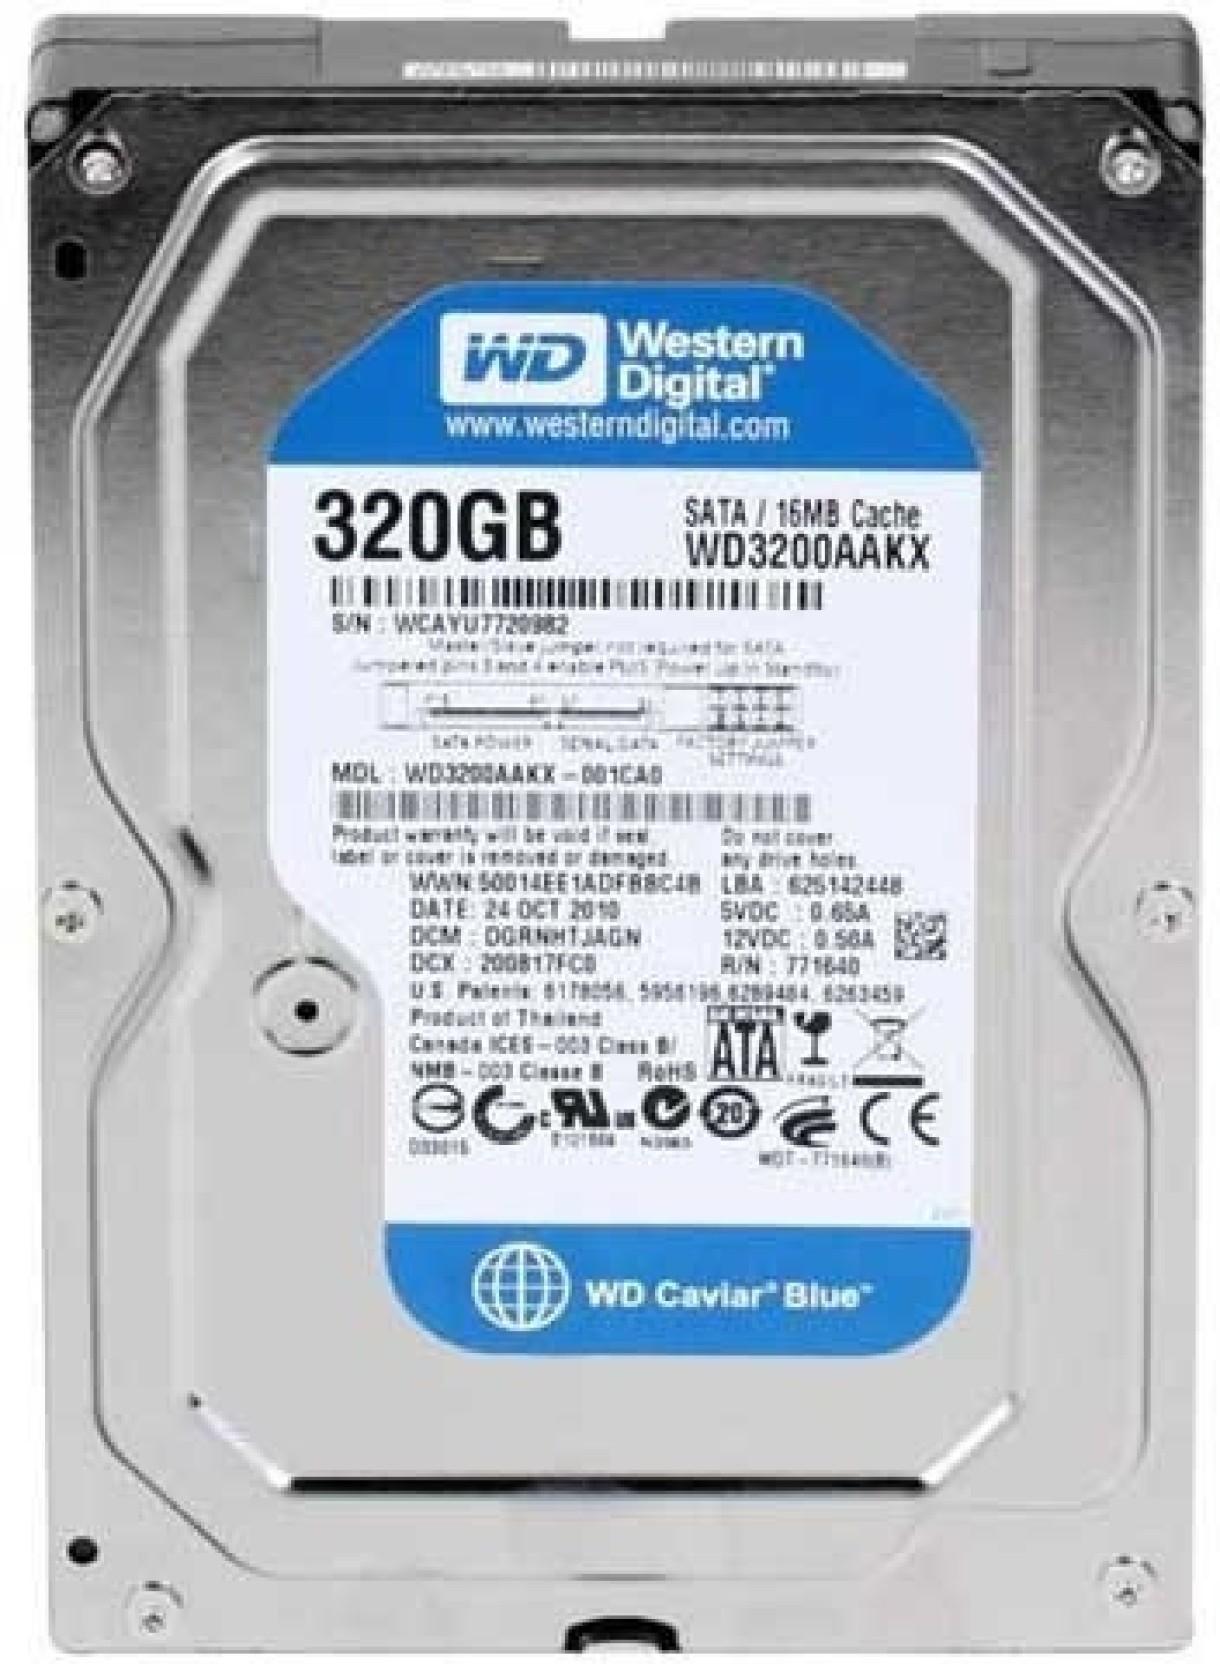 Wd Caviar Blue 320 Gb Desktop Internal Hard Disk Drive Hardisk Hdd Pc 320gb New Wd3200aakx Share